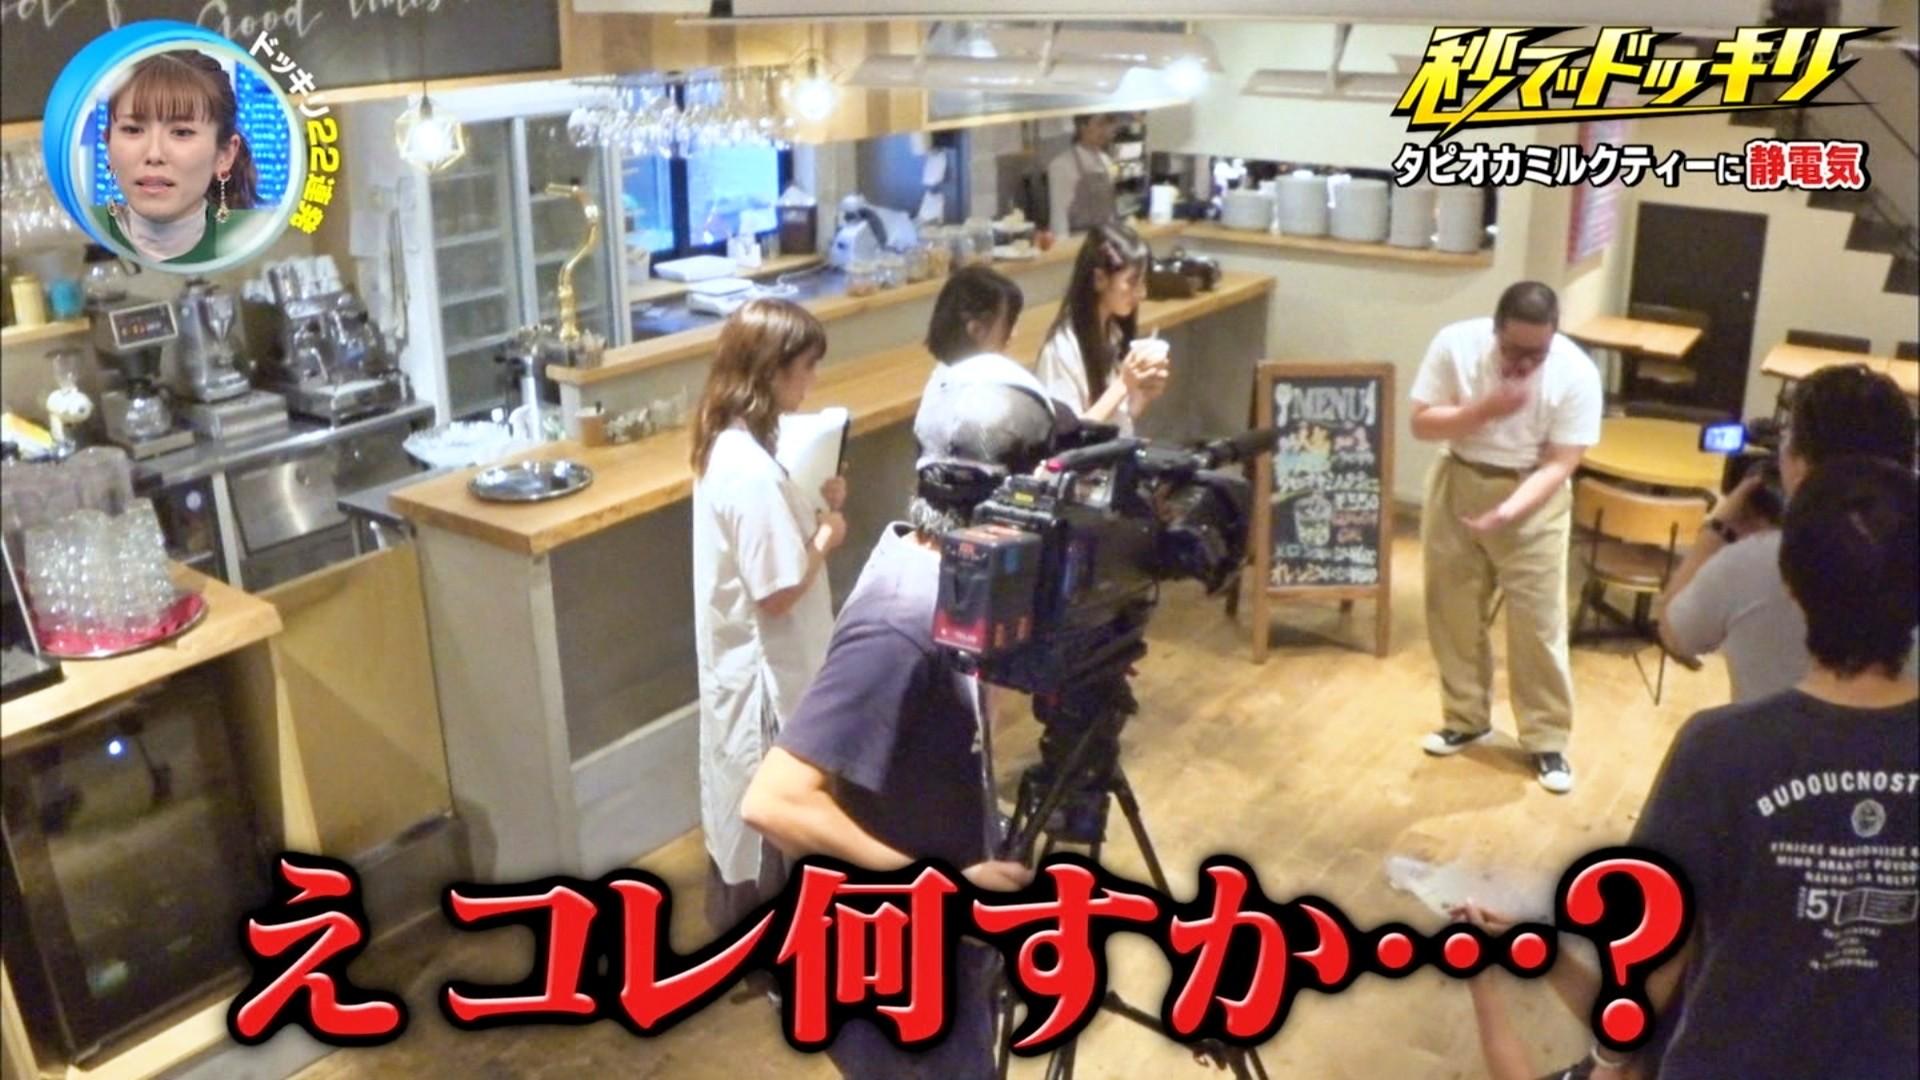 2019年11月30日にフジテレビ系列でほうそうされた「芸能人が本気で考えた!ドッキリGP」に出演したNMB48上西怜・大田莉央奈の画像-045